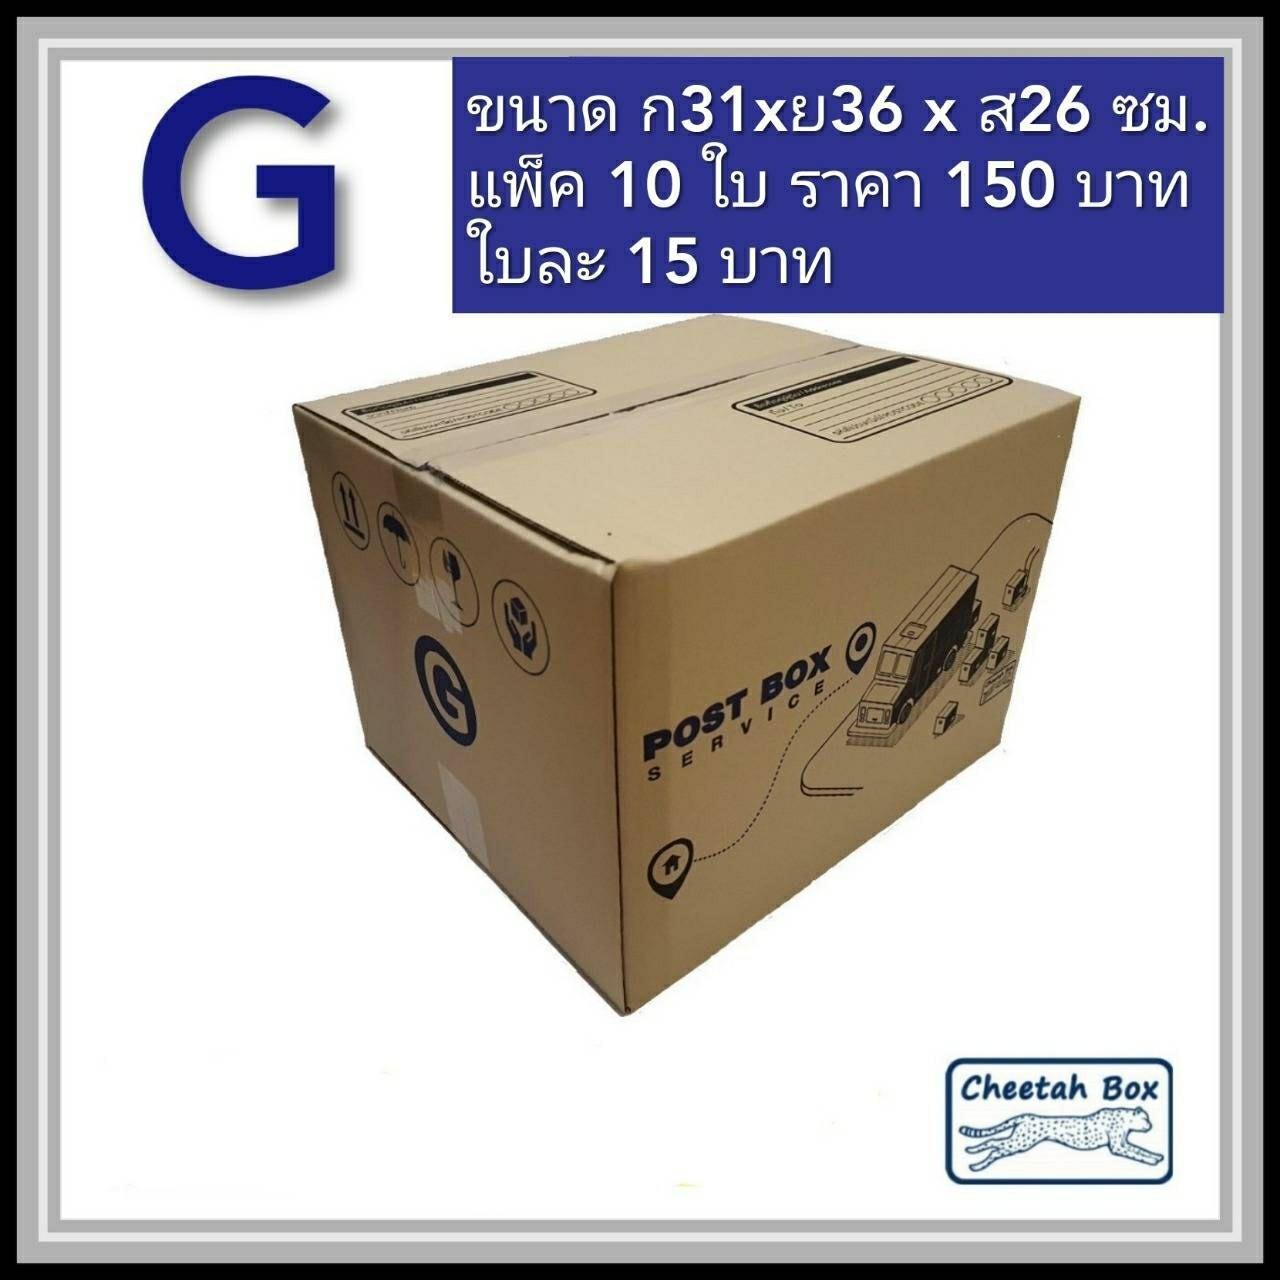 กล่องไปรษณีย์  G (Cheetah Box ขนาด 31*36*26 CM)